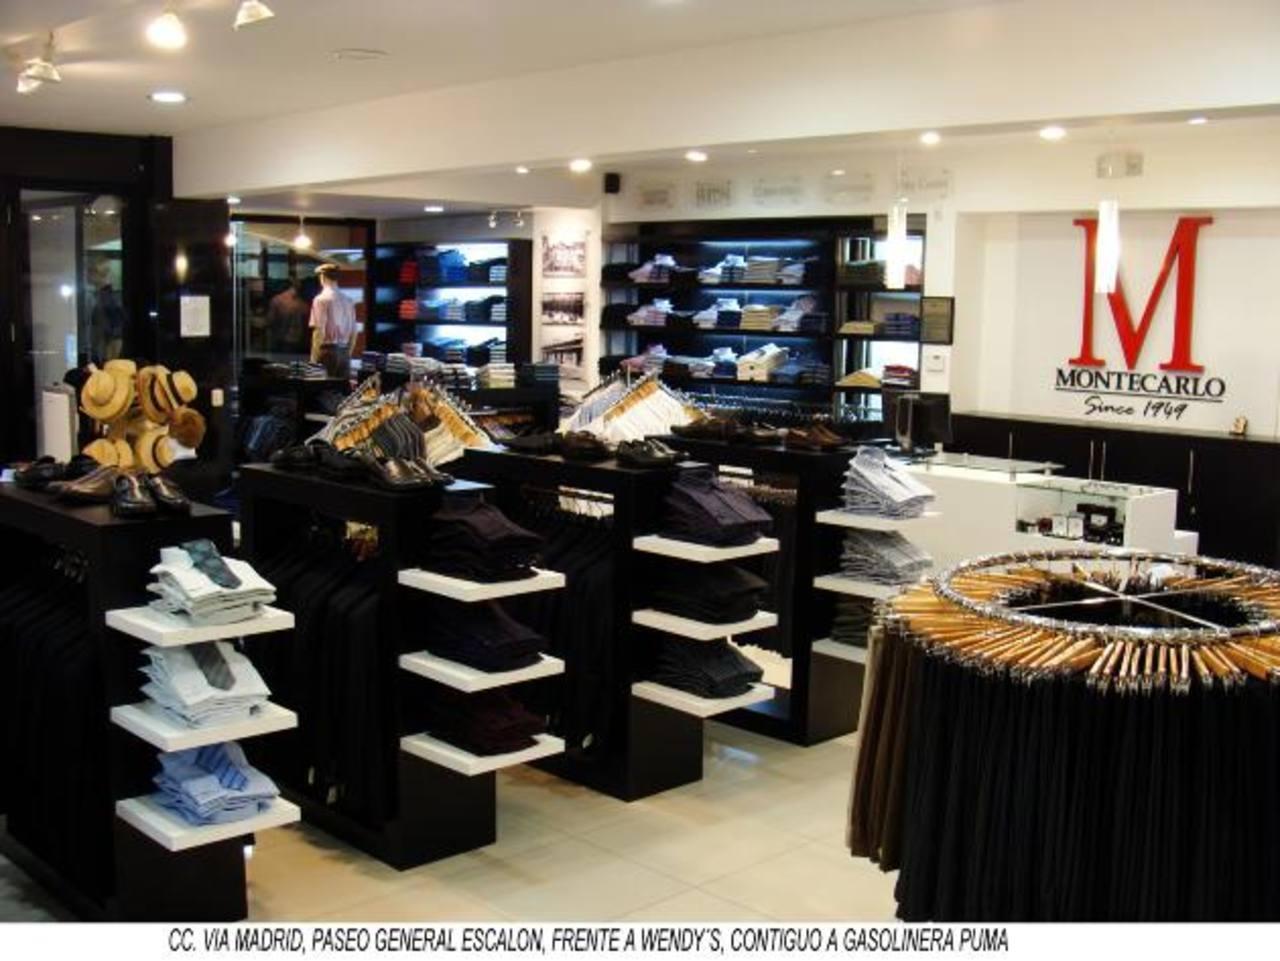 Los almacenes poseen una gran variedad de prendas al mejor precio y gran calidad. Foto EDH